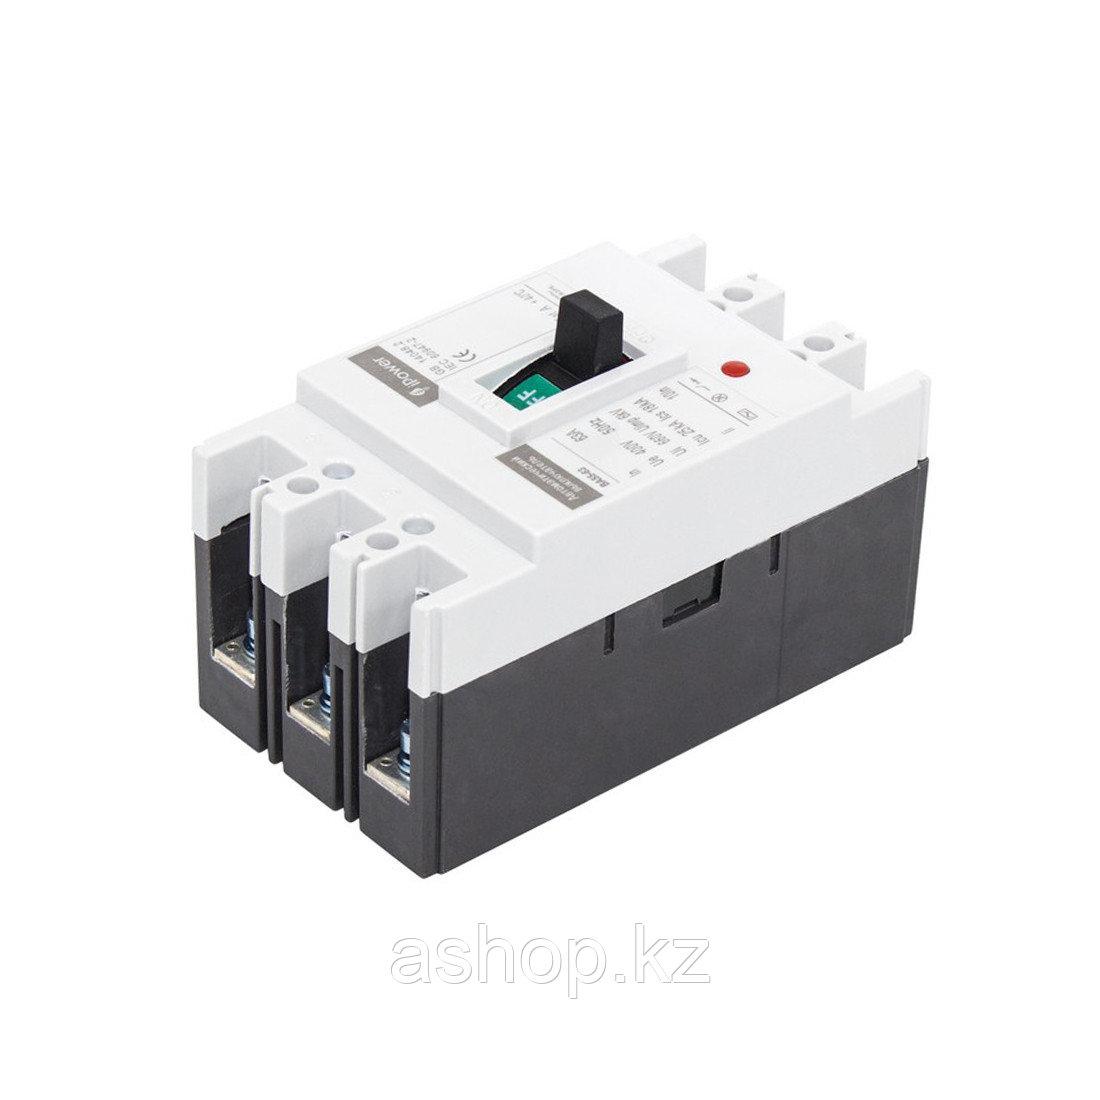 Автоматический выключатель установочный iPower ВА55-63 3P 32А, 380/660 В, Кол-во полюсов: 3, Предел отключения